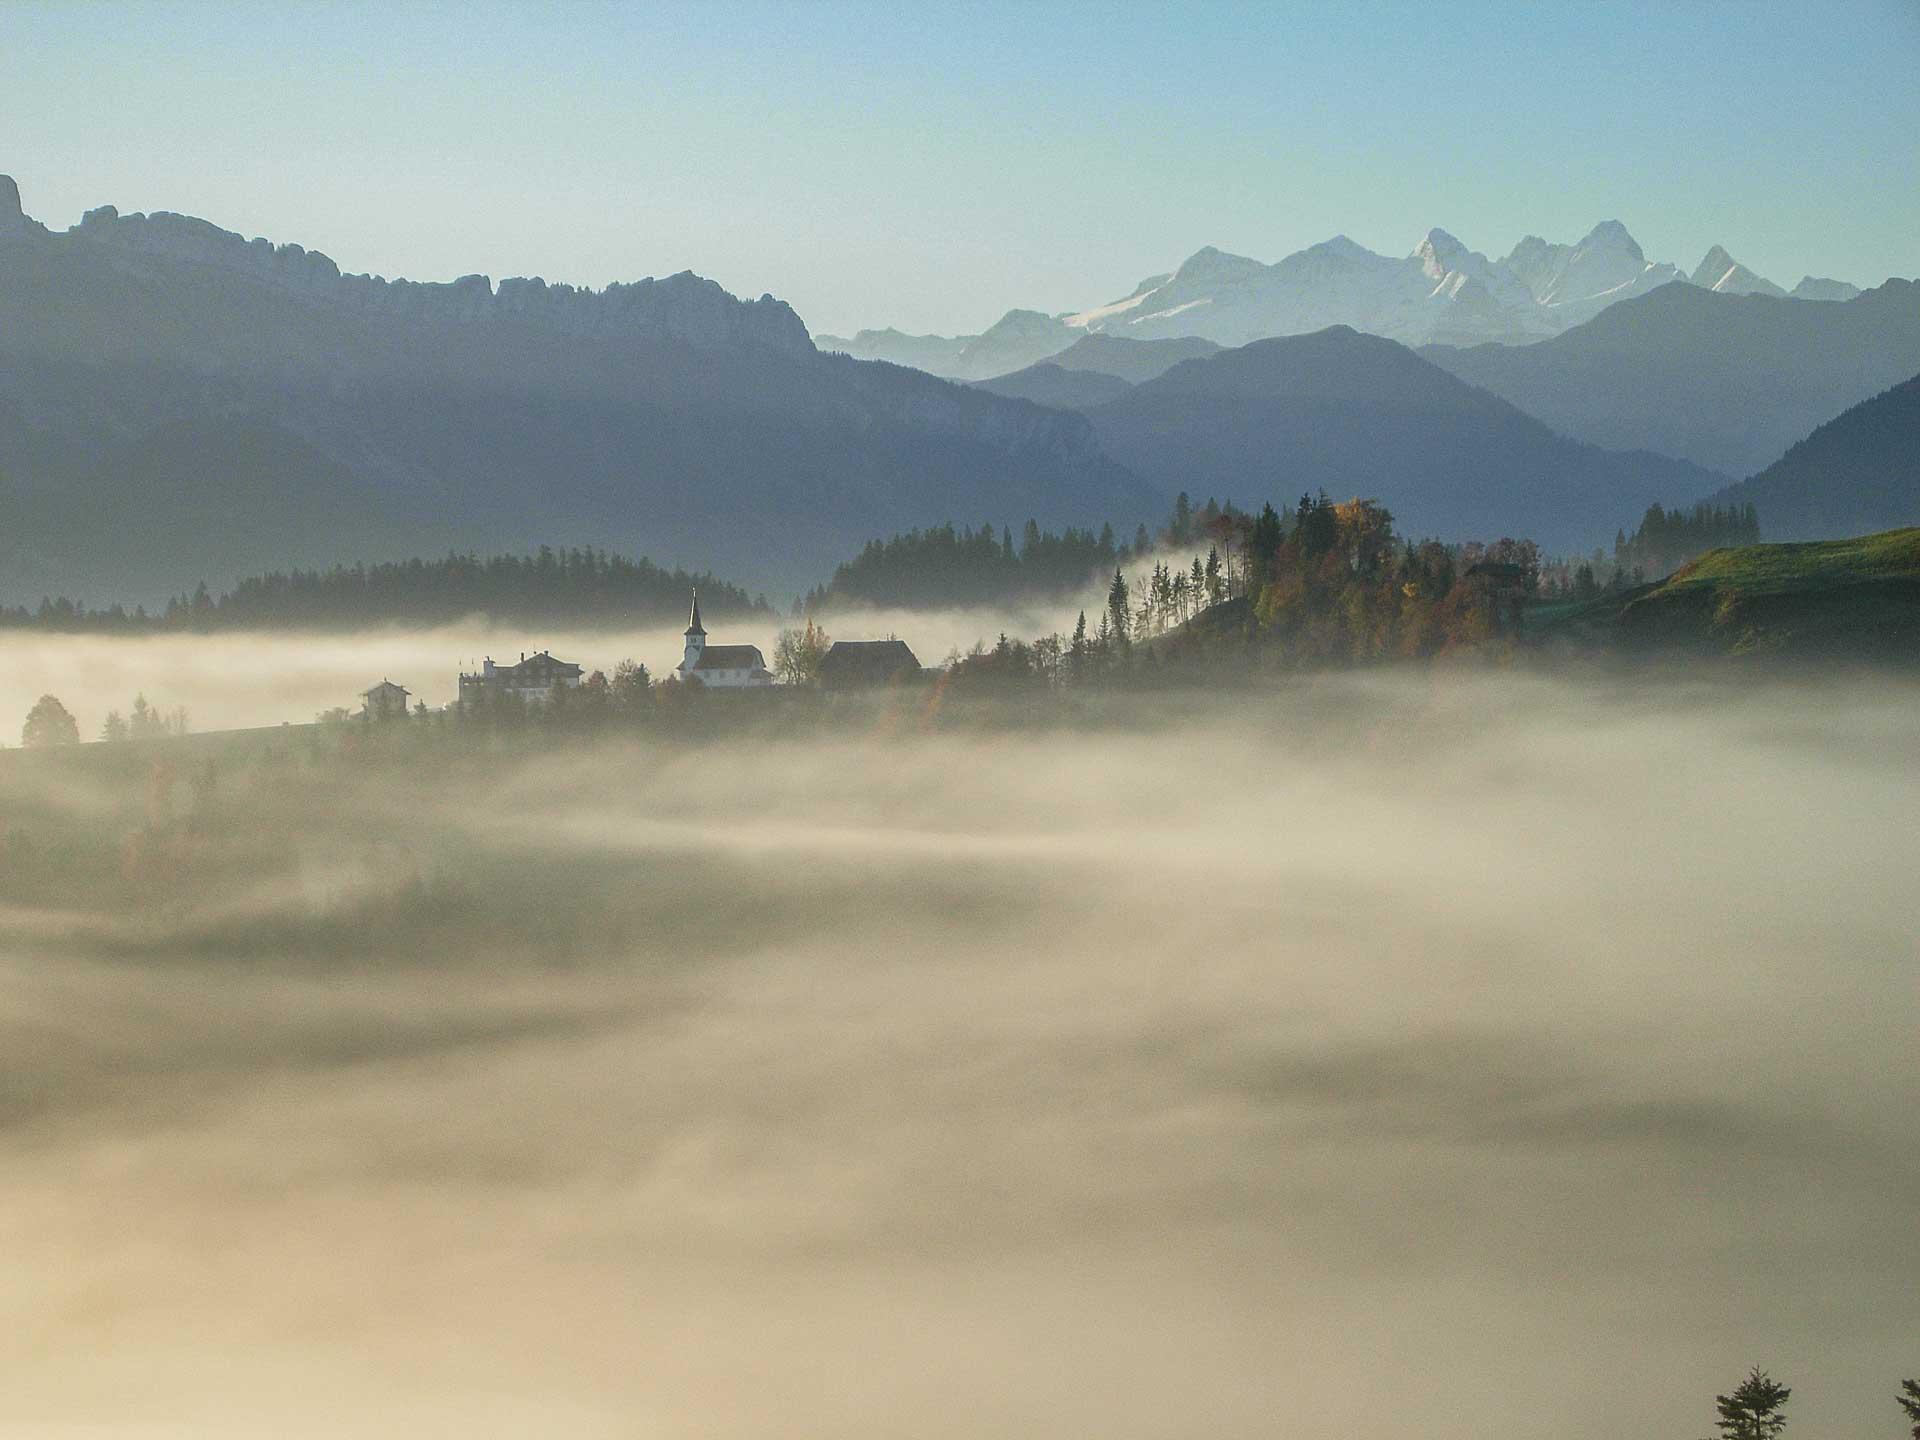 Brambiden über dem Herbstnebel. Die Pfarrei bleibt auch nach der geplanten Fusion eigenständig. | © Martina Roth